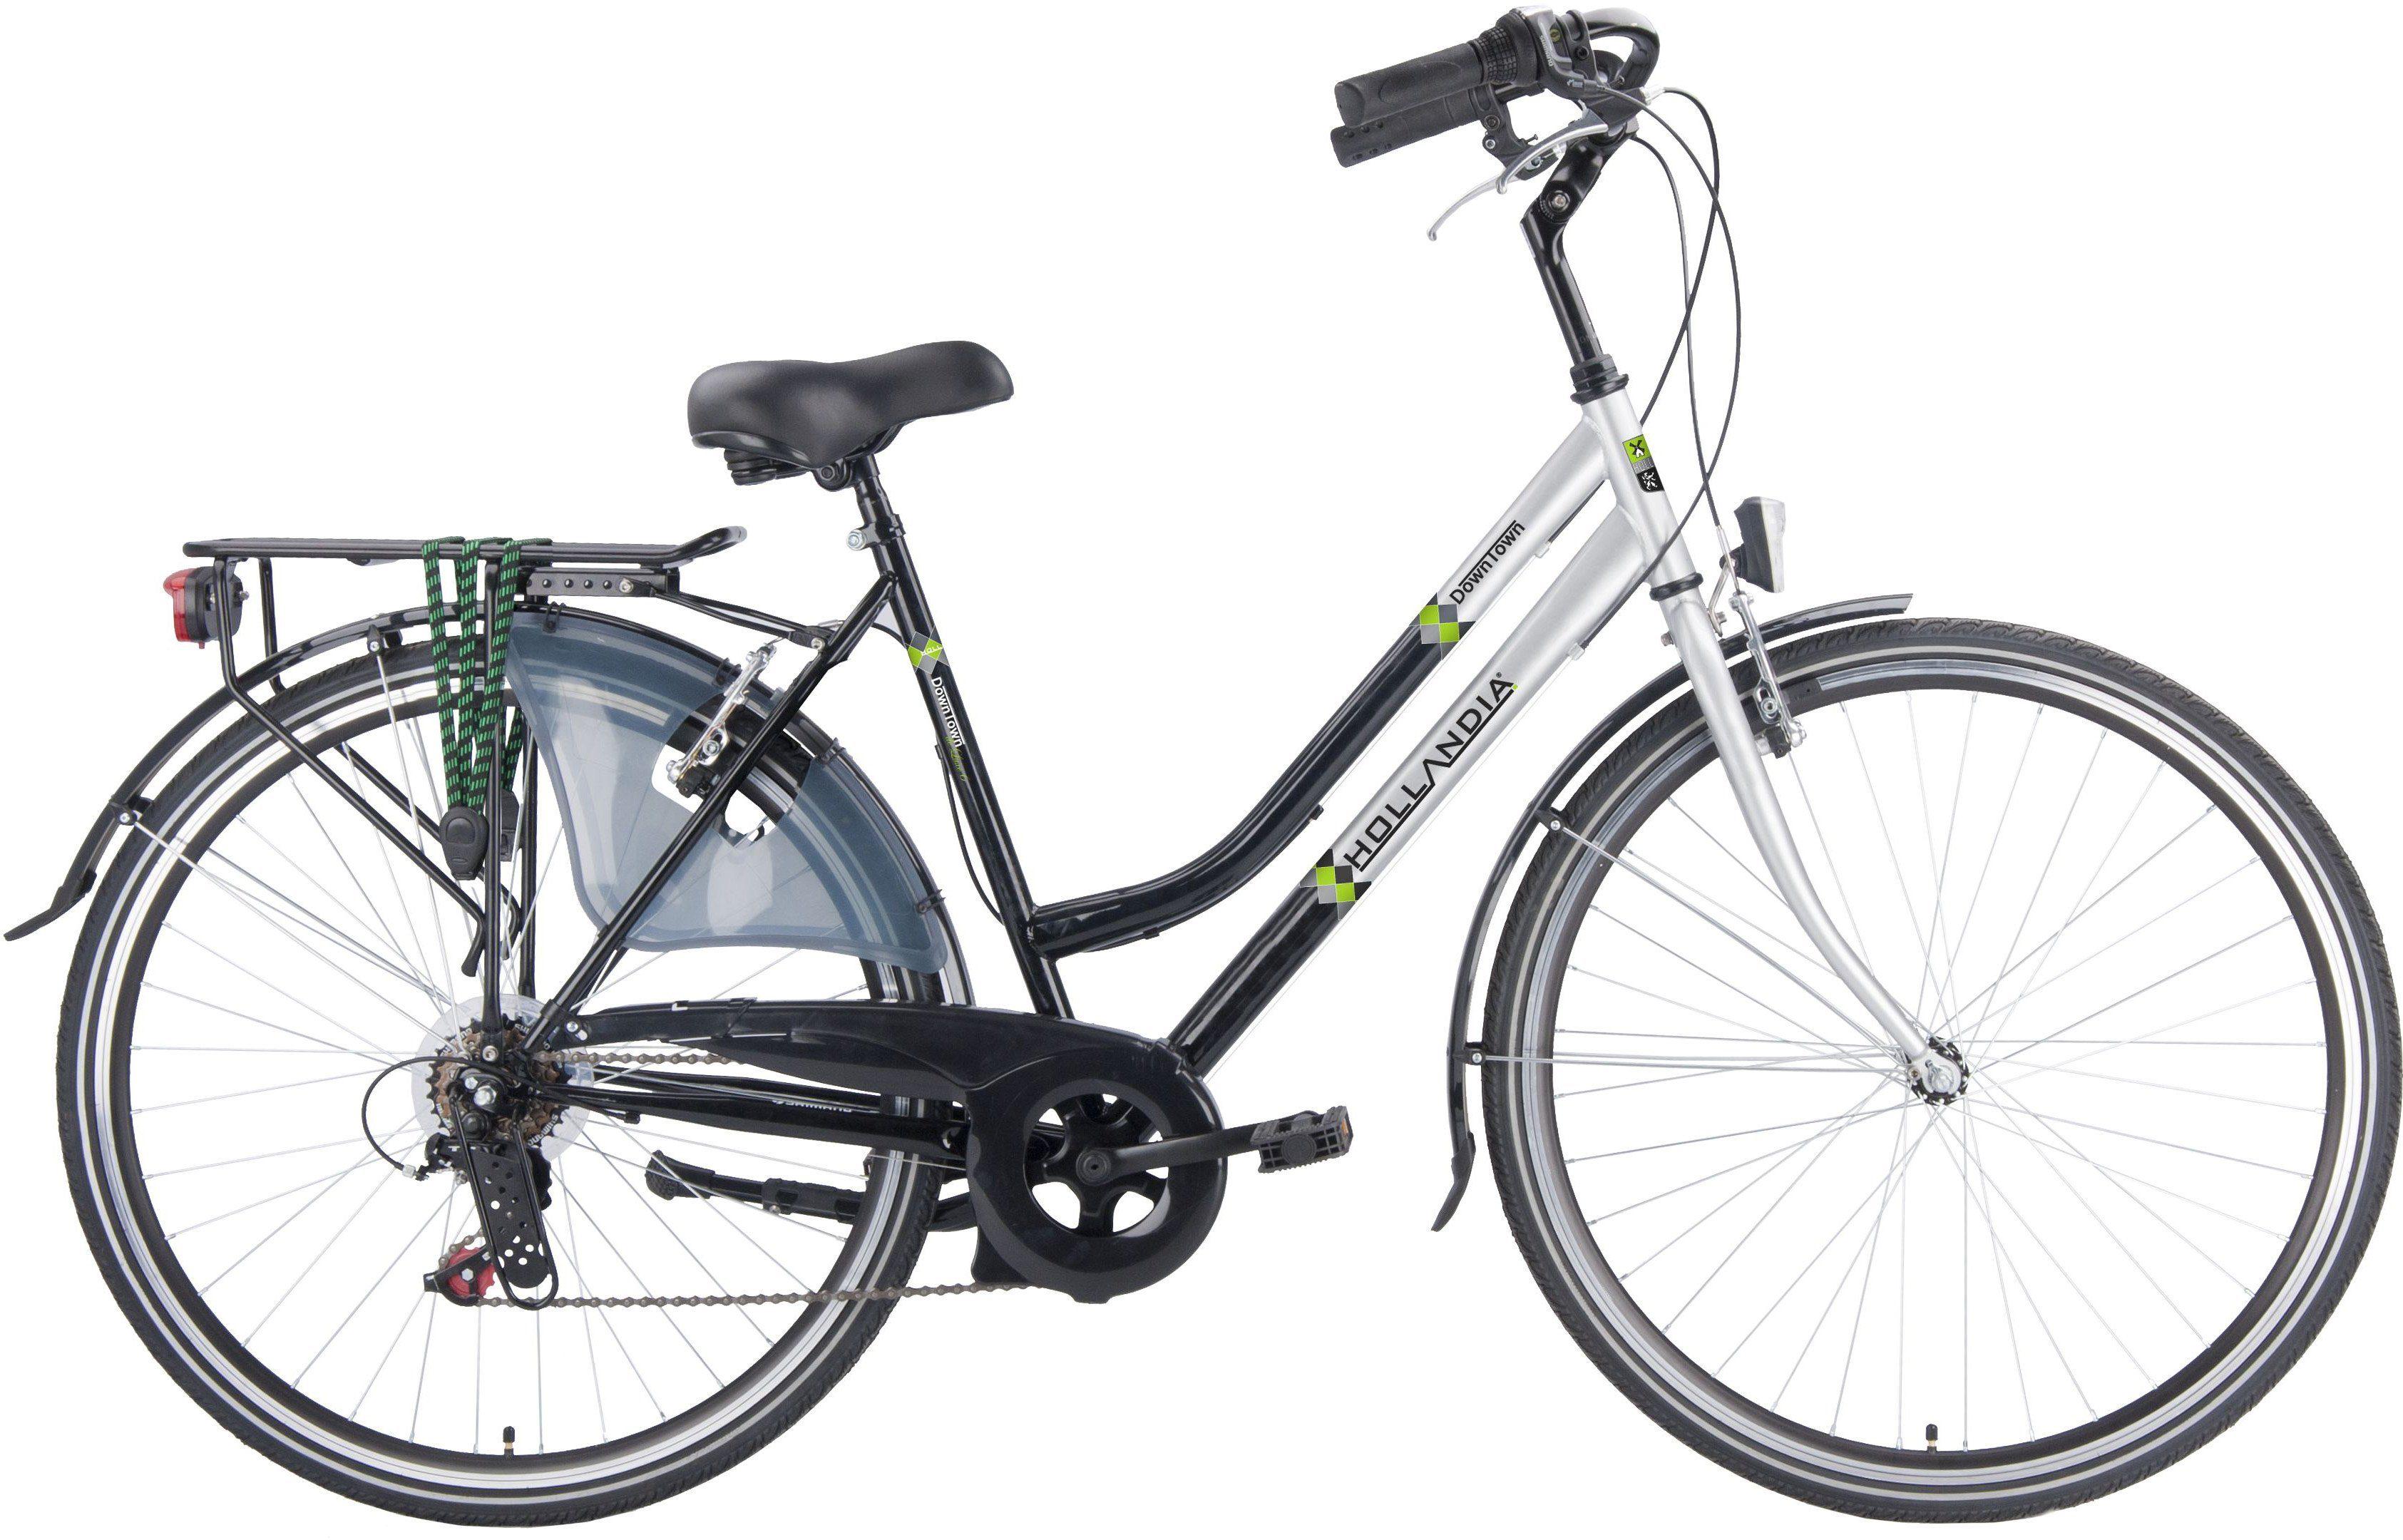 Hollandia Damen Citybike, 28 Zoll, 6 Gang Shimano Kettenschaltung, »City Comfort«